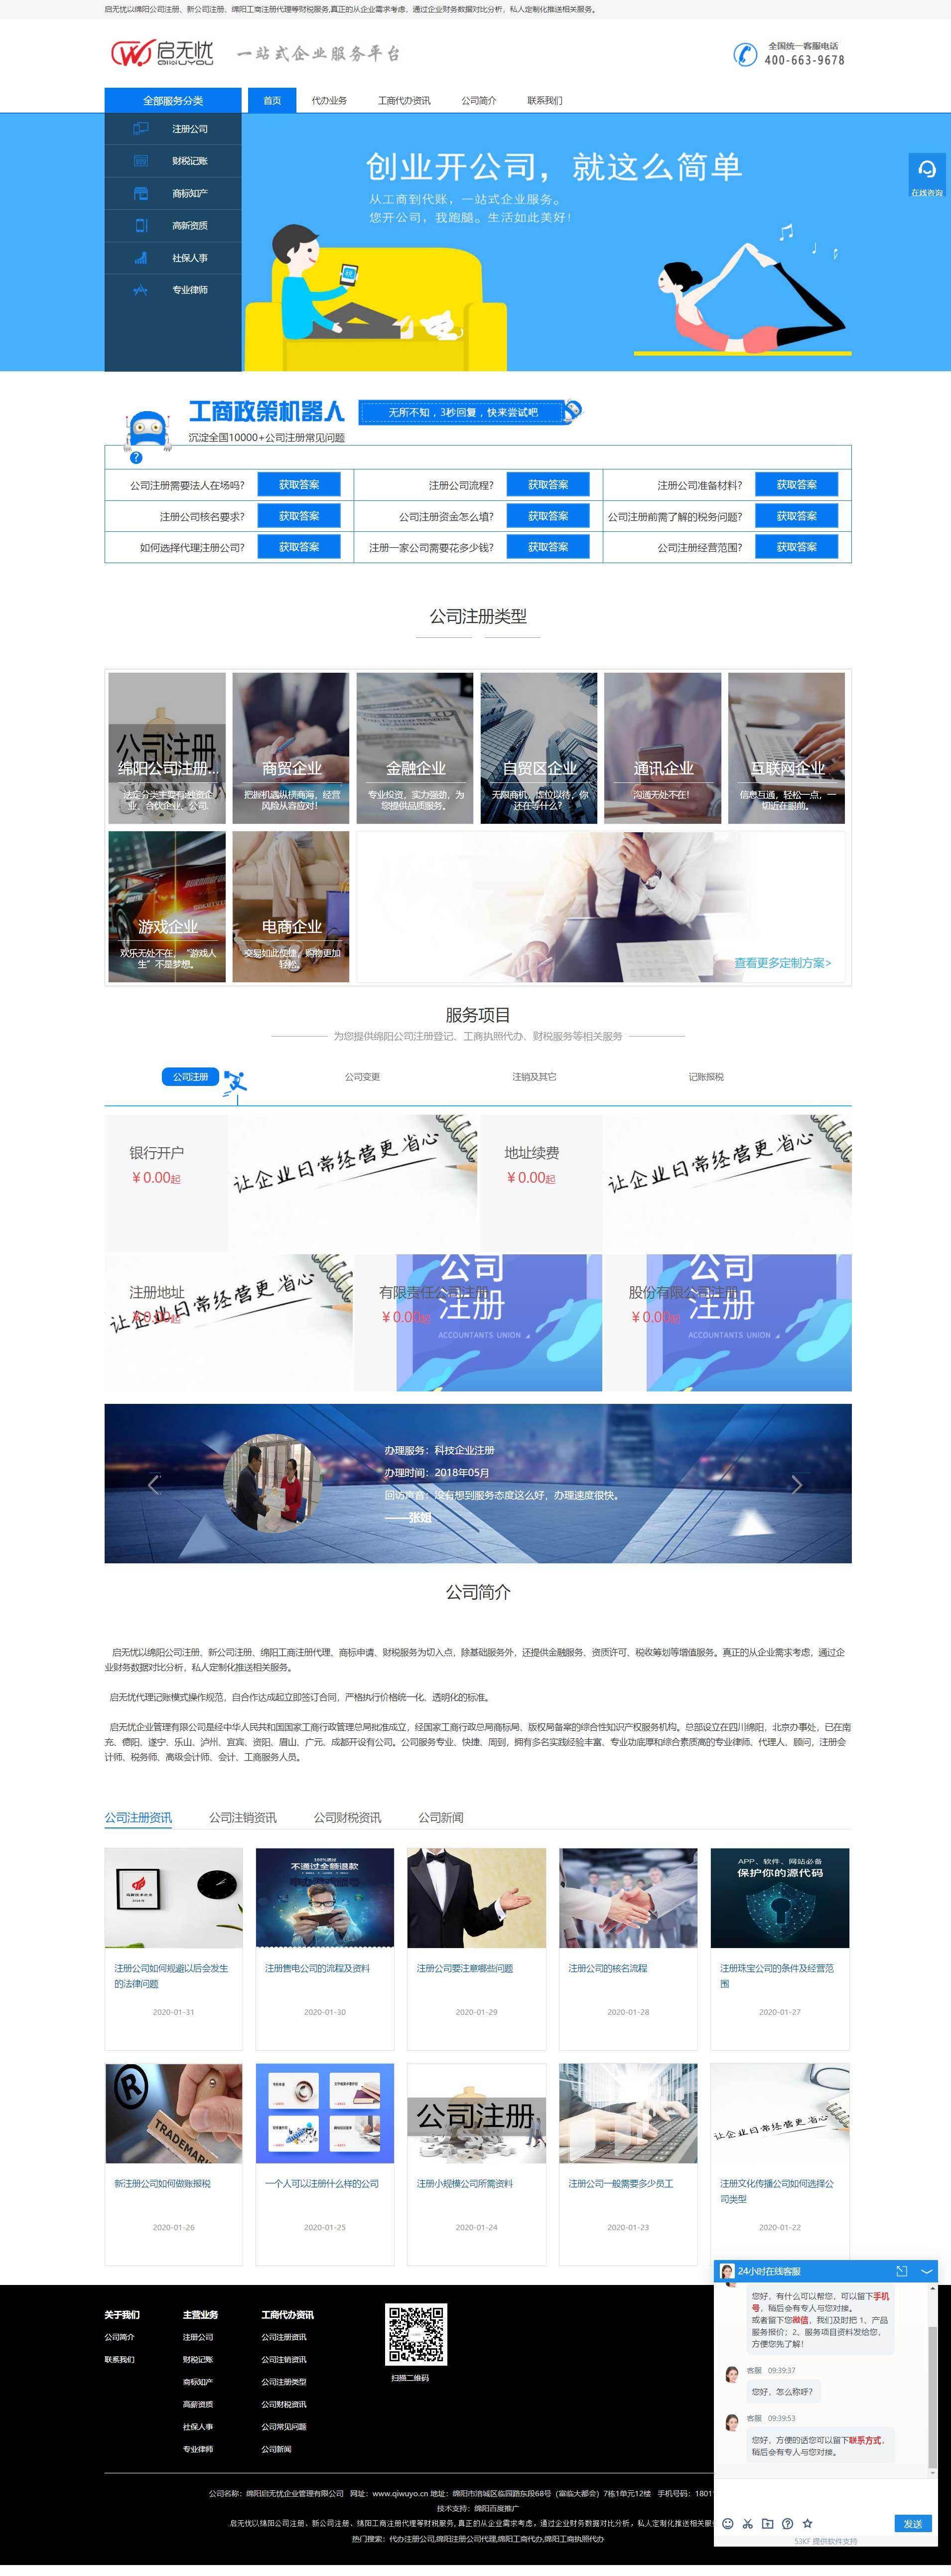 绵阳启无忧企业管理有限公司达成百度包年推广合作